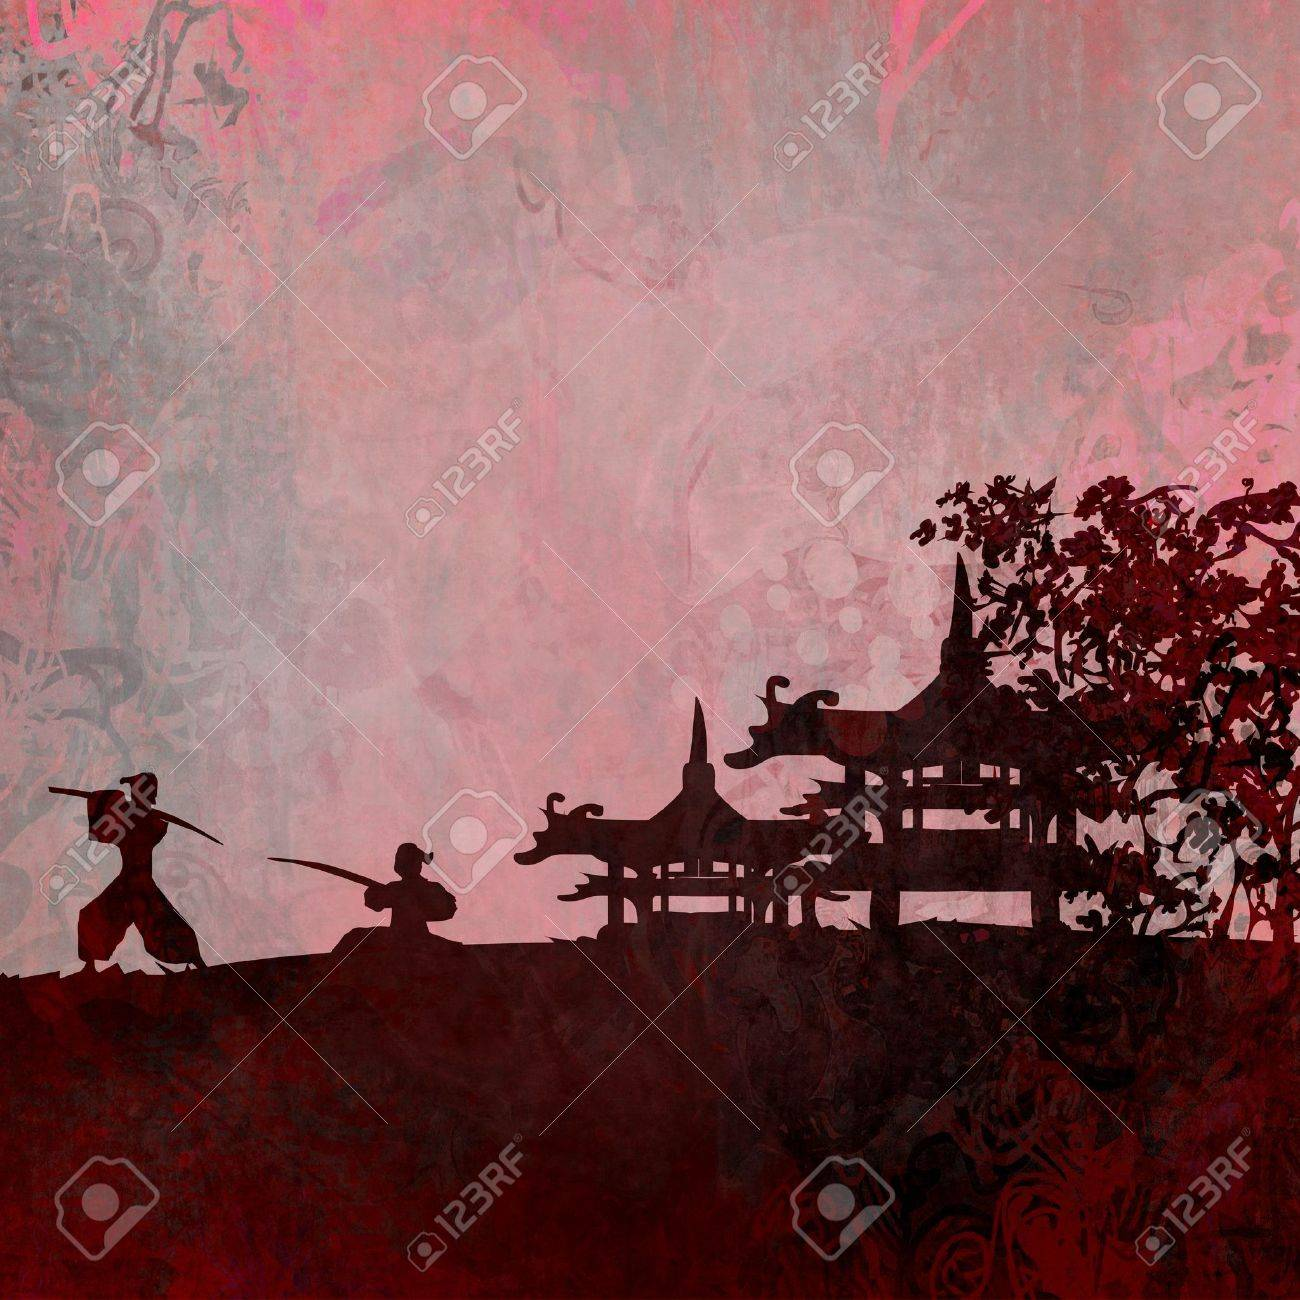 Samurai silhouette in Asian Landscape Stock Photo - 10311123